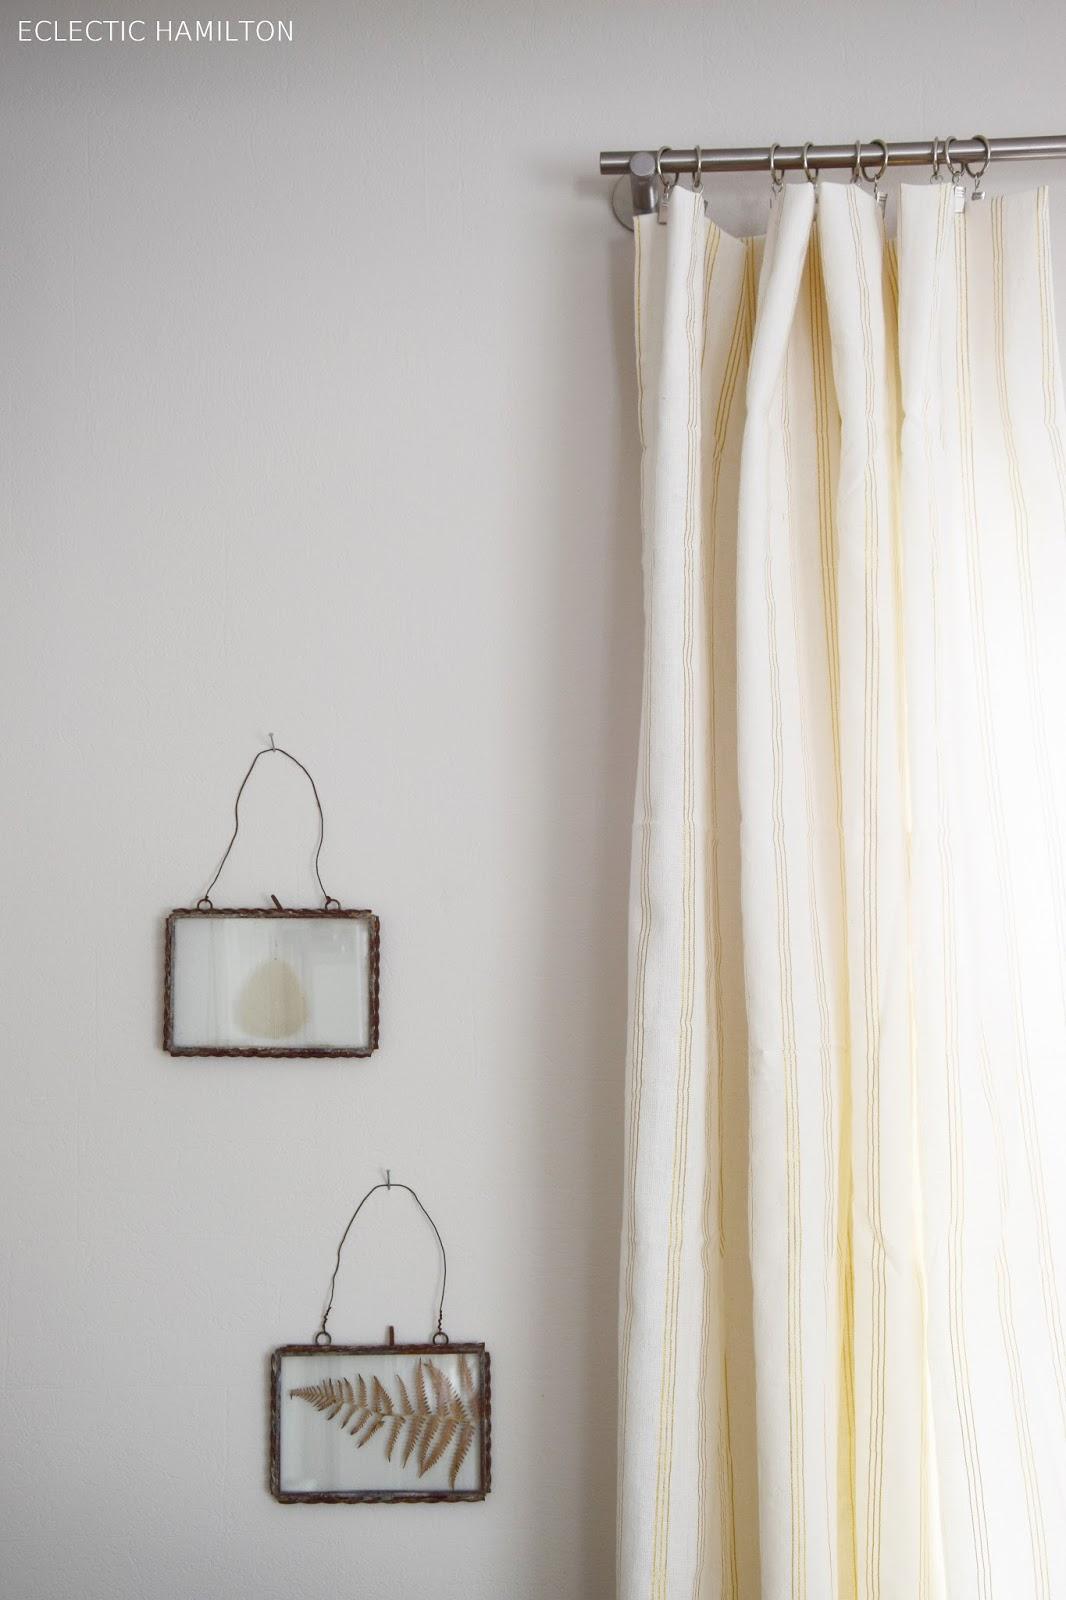 Vorhang ohne Nähen einfach selbst gemacht. Schnelles DIY auch für Anfänger. Ohne Nähen. Ihr könnt sofort loslegen! Ihr benötigt eine schöne Tischdecke, Vorhangringe und eine Schere. Selbermachen selbstgemacht diy vorhang küche